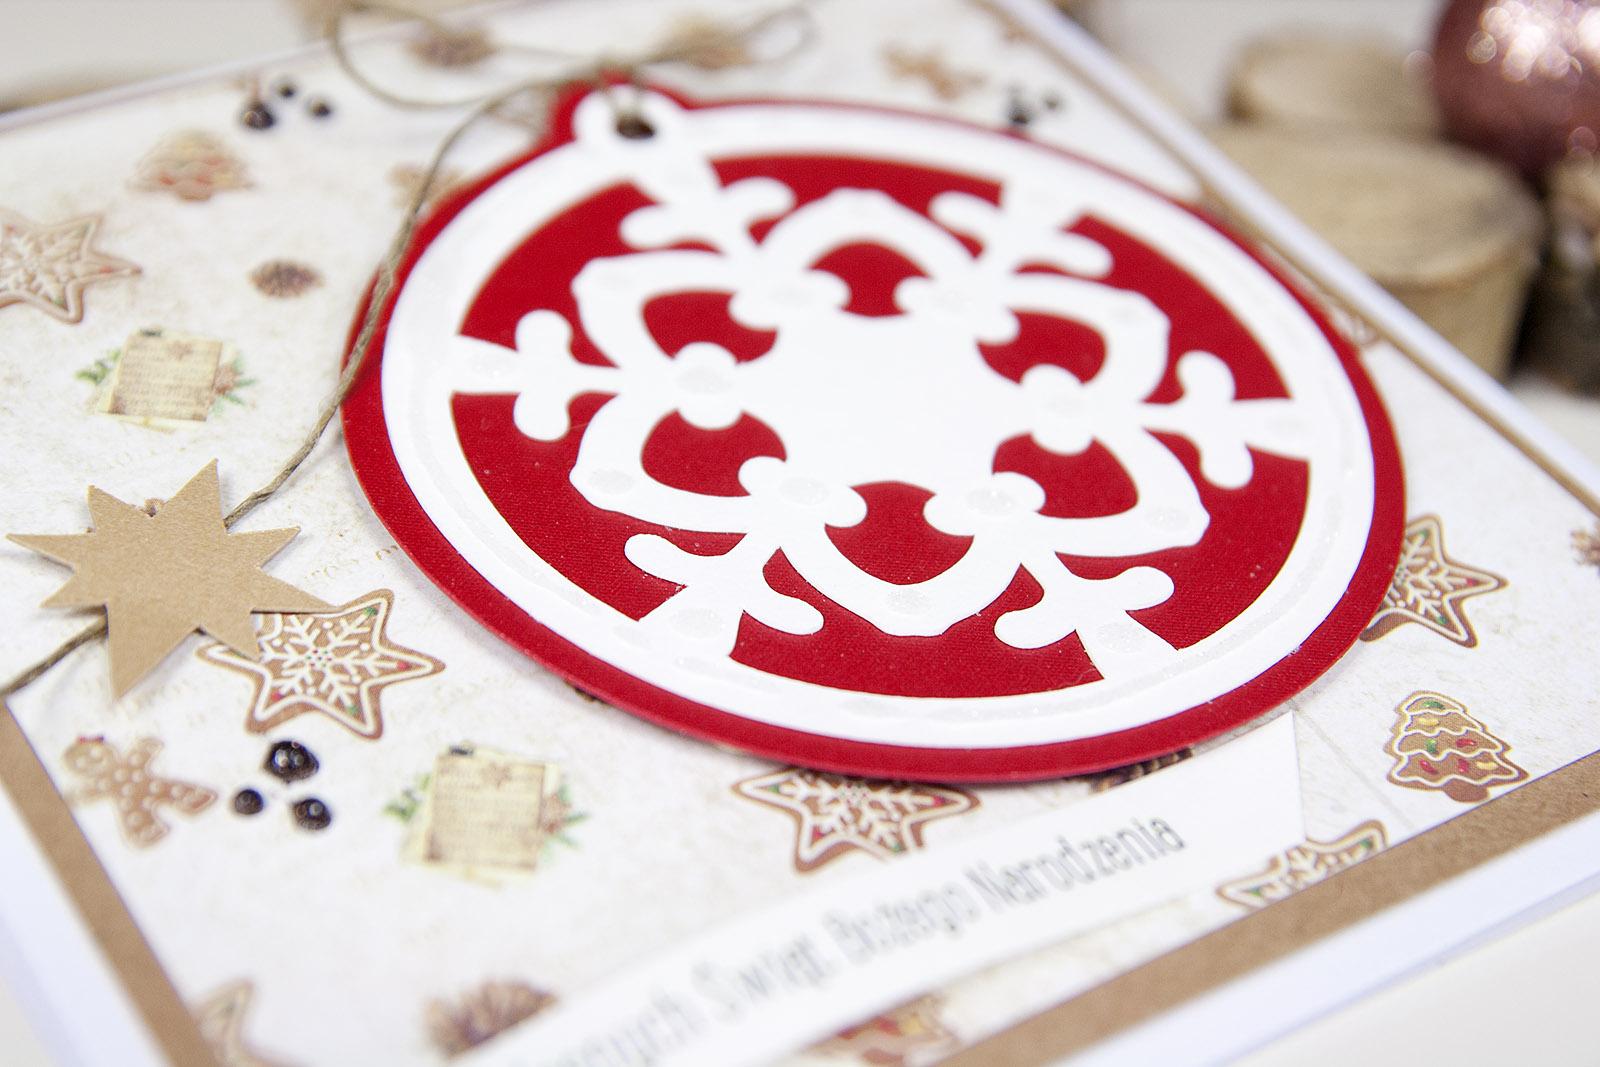 Kartki świąteczne z ploterem Silhouette